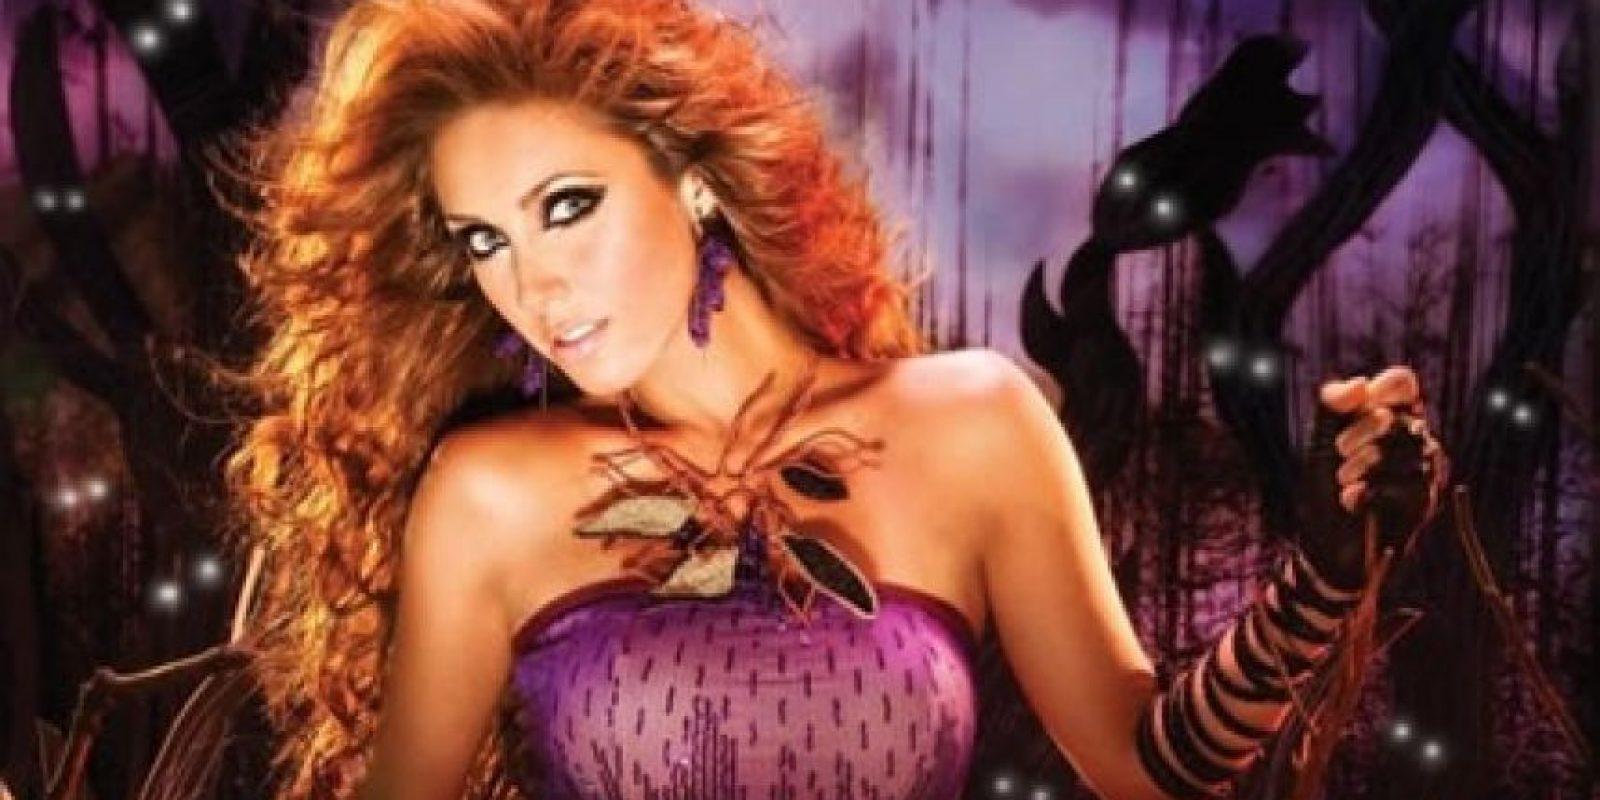 En el 2008, Anahí se sometió a una primera cirugía de su busto, la misma que no salió bien, pues su cuerpo rechazó los implantes, por lo que éstos tuvieron que serle removidos. Más tarde la ex RBD volvió a operarse y se aumentó la talla de sus senos, aunque ella lo ha negado insistentemente. Apenas la semana pasada la cantante y actriz fue ingresada a un hospital de la ciudad de México, donde se le practicó una cirugía para corregirle el tabique desviado, sin embargo, la intérprete aceptó que se puso en manos de un cirujano plástico para que le hiciera una corrección estética en la nariz y el mentón. Foto:Tomada de Internet